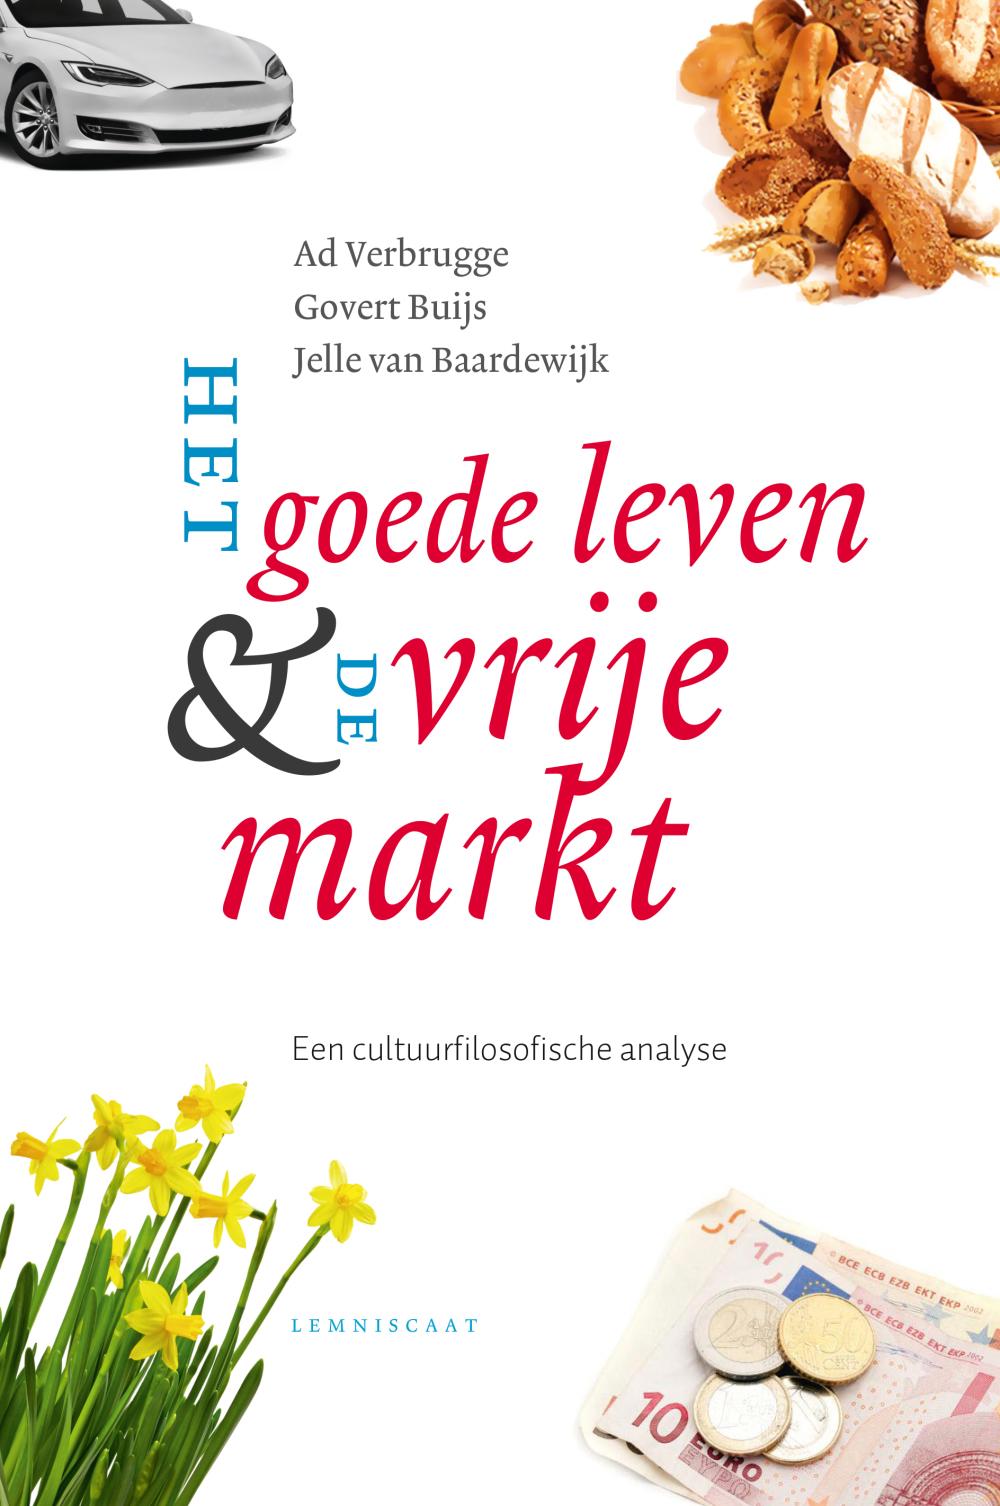 Baardewijk_Buijs_Verbrugge.jpg